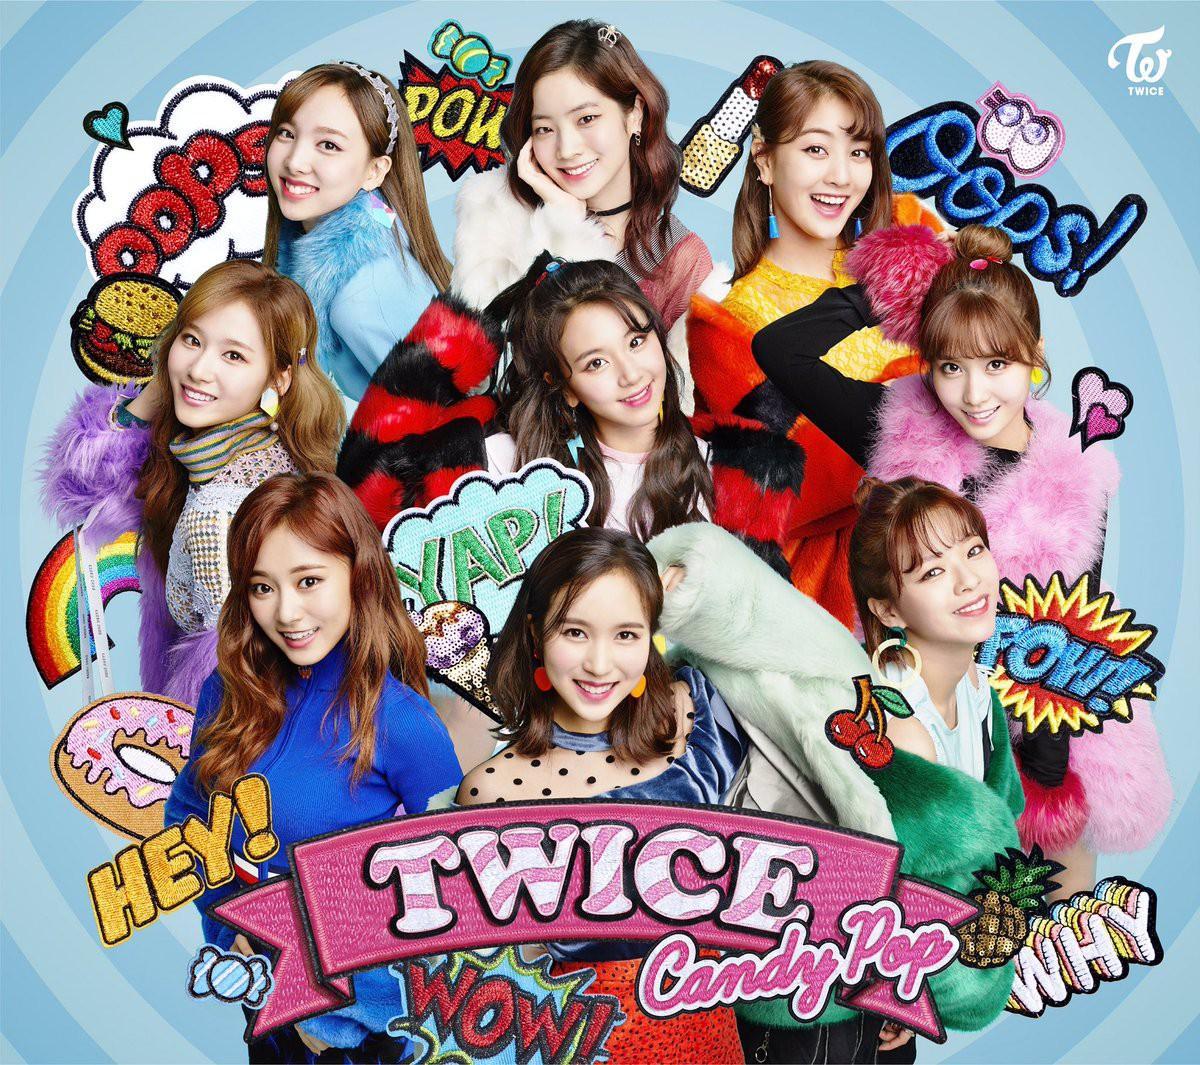 Liên tiếp lập kỉ lục, TWICE đang là girlgroup Kpop bất khả chiến bại tại Nhật-1